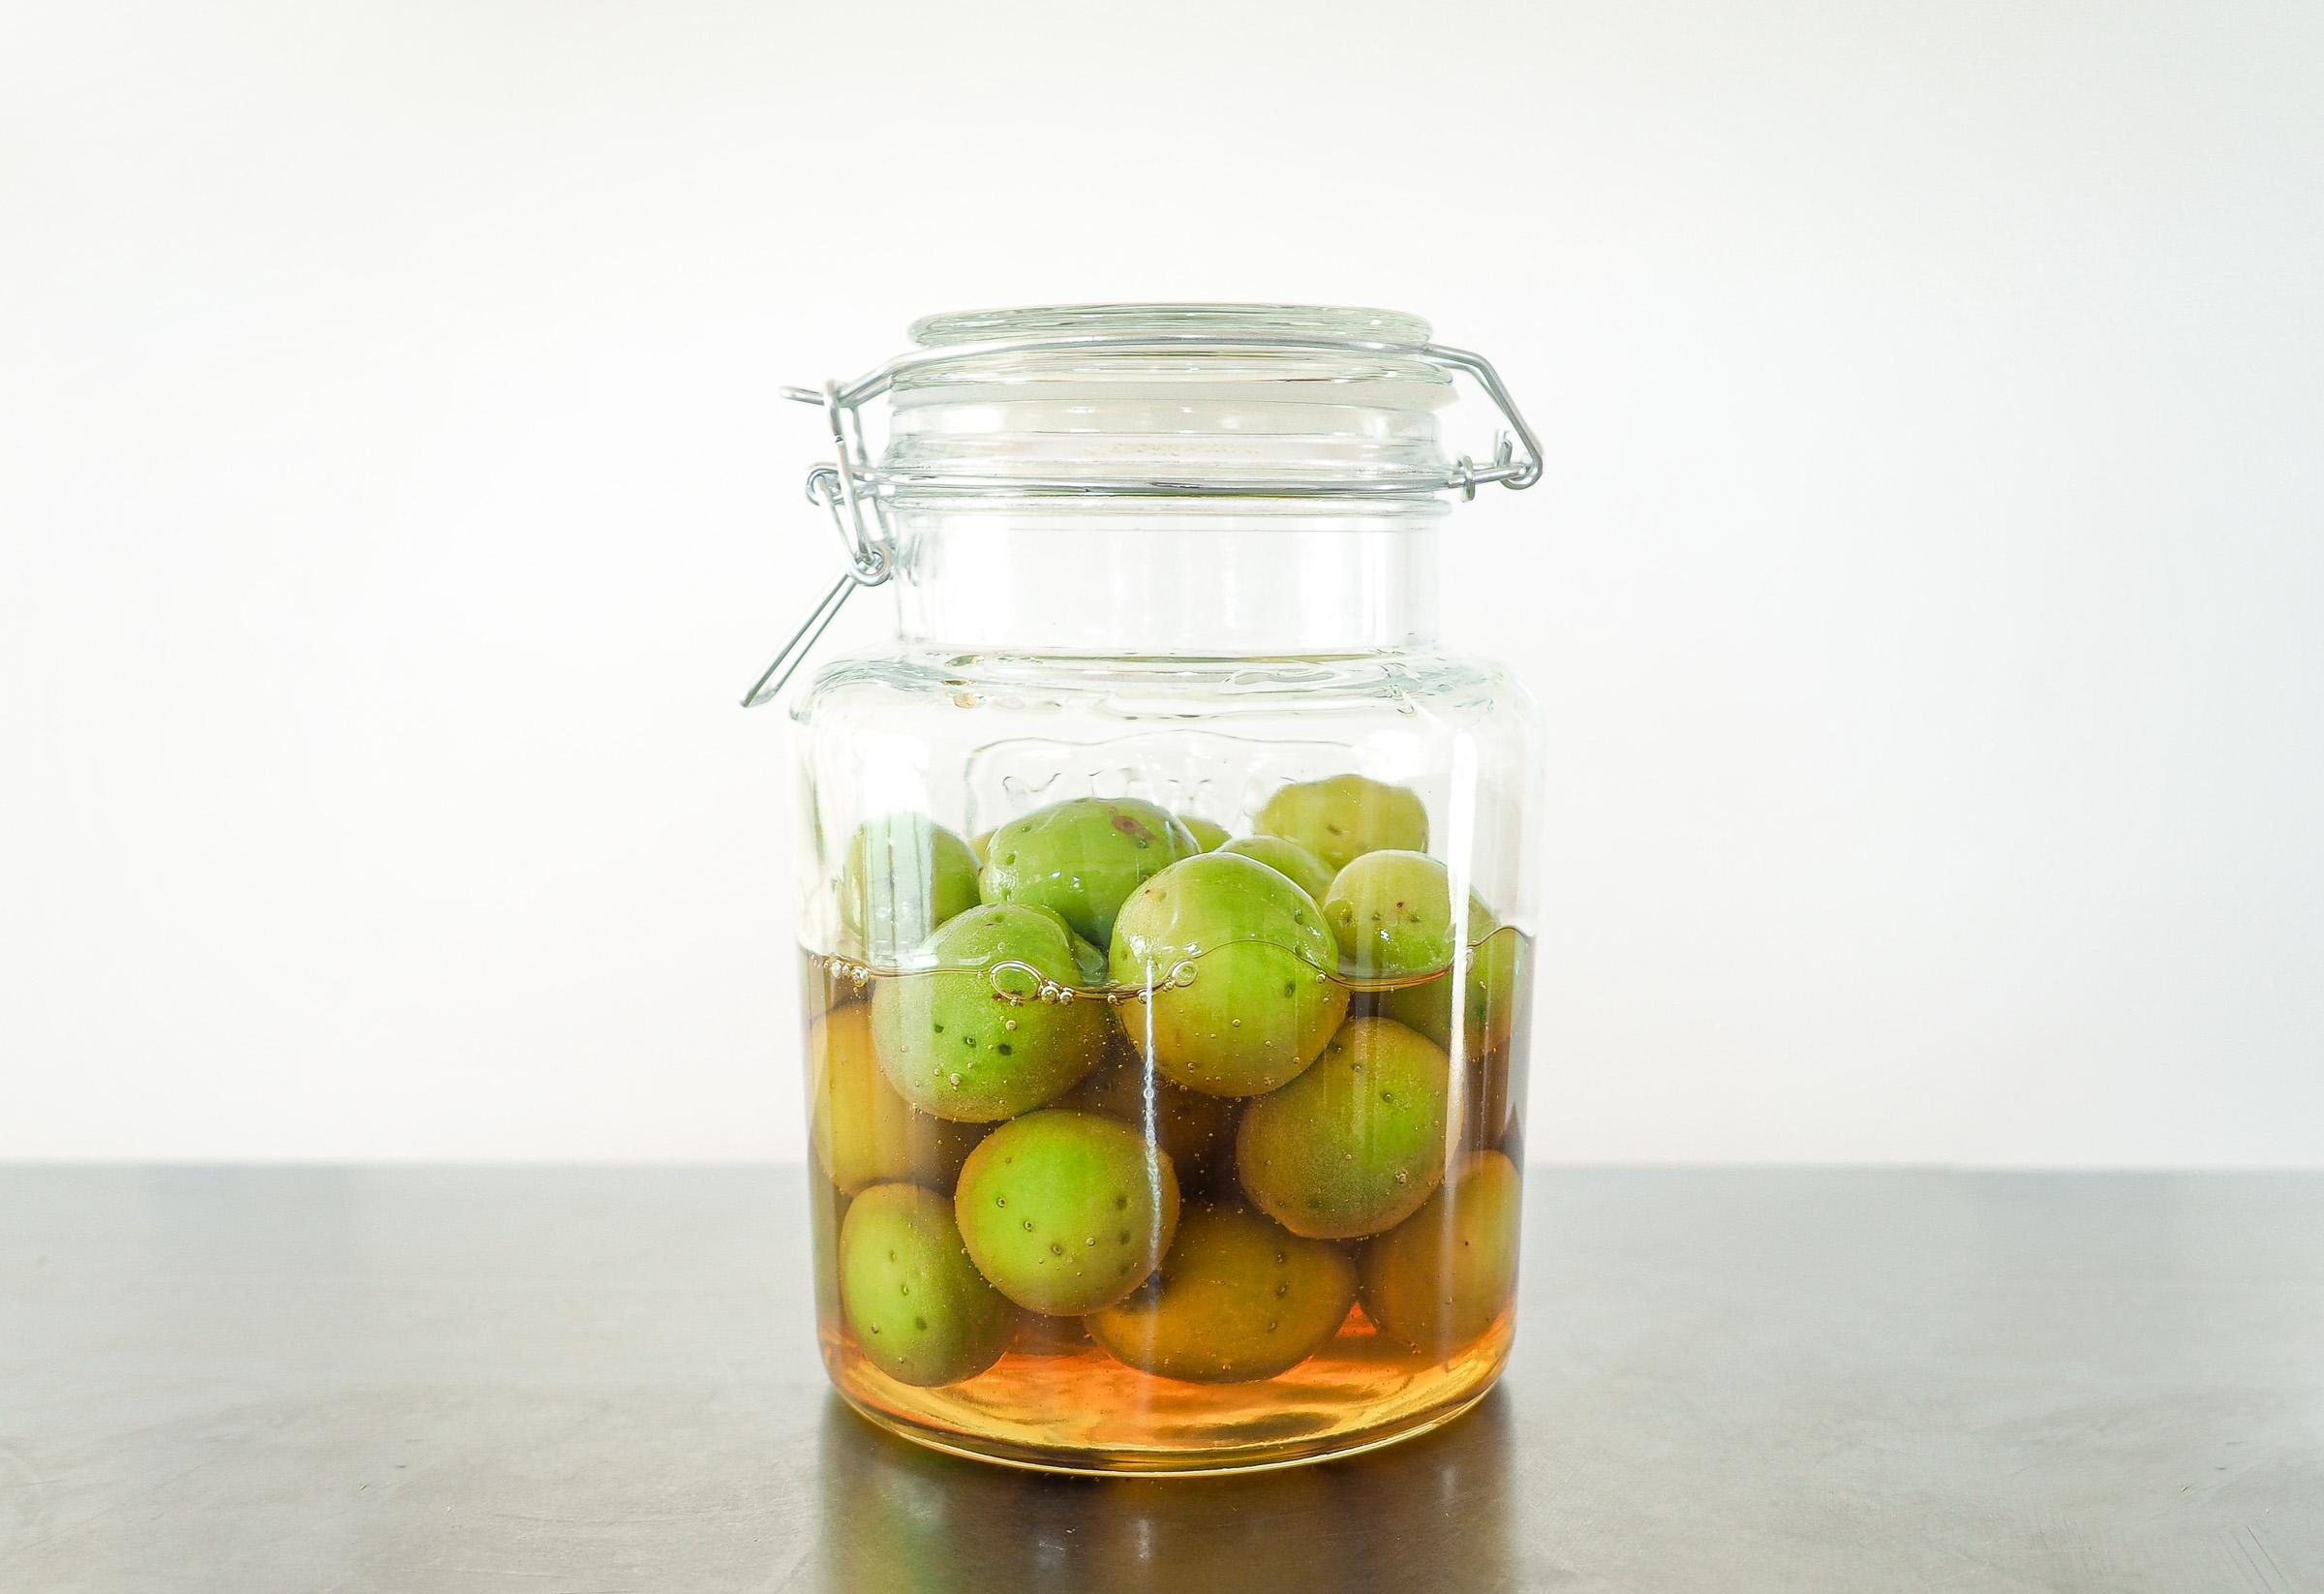 はじめての梅仕事。4.ビンを傾けながら回して、ハチミツが梅にまんべんなく行き渡るようにします。冷暗所で1ヶ月ほど保存します。